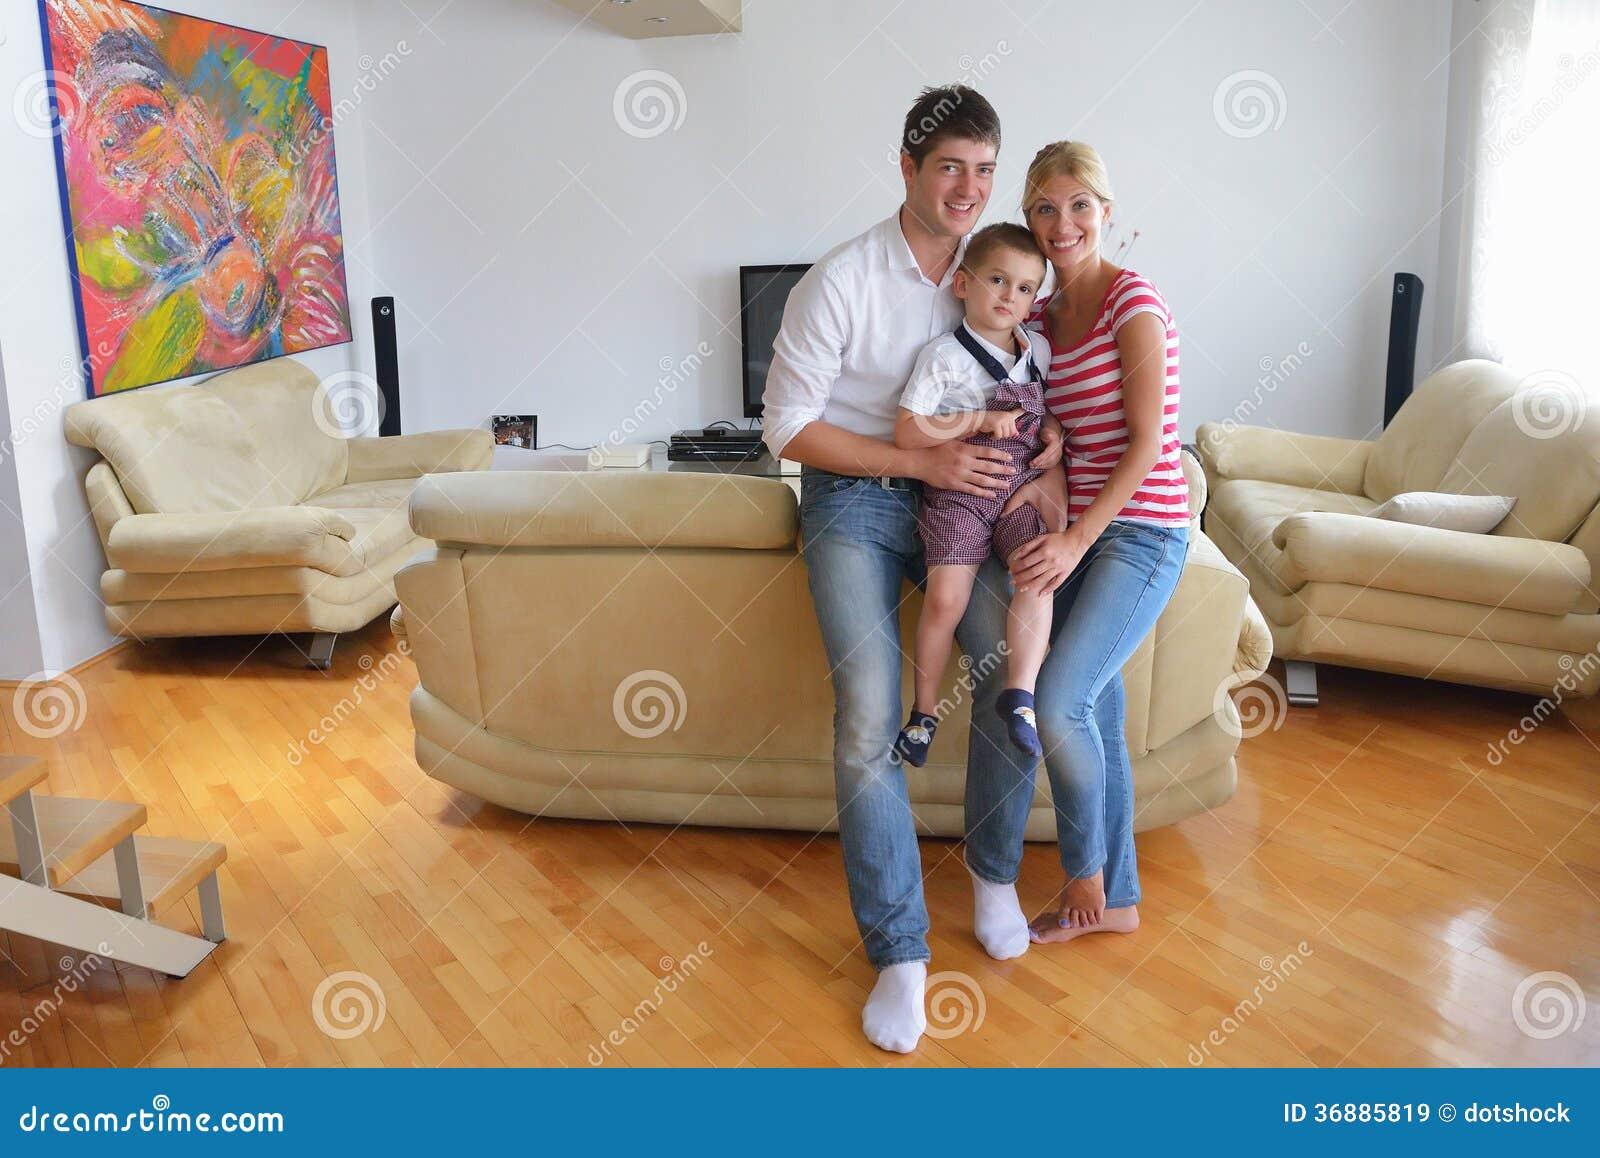 Download Famiglia a casa immagine stock. Immagine di bello, interno - 36885819